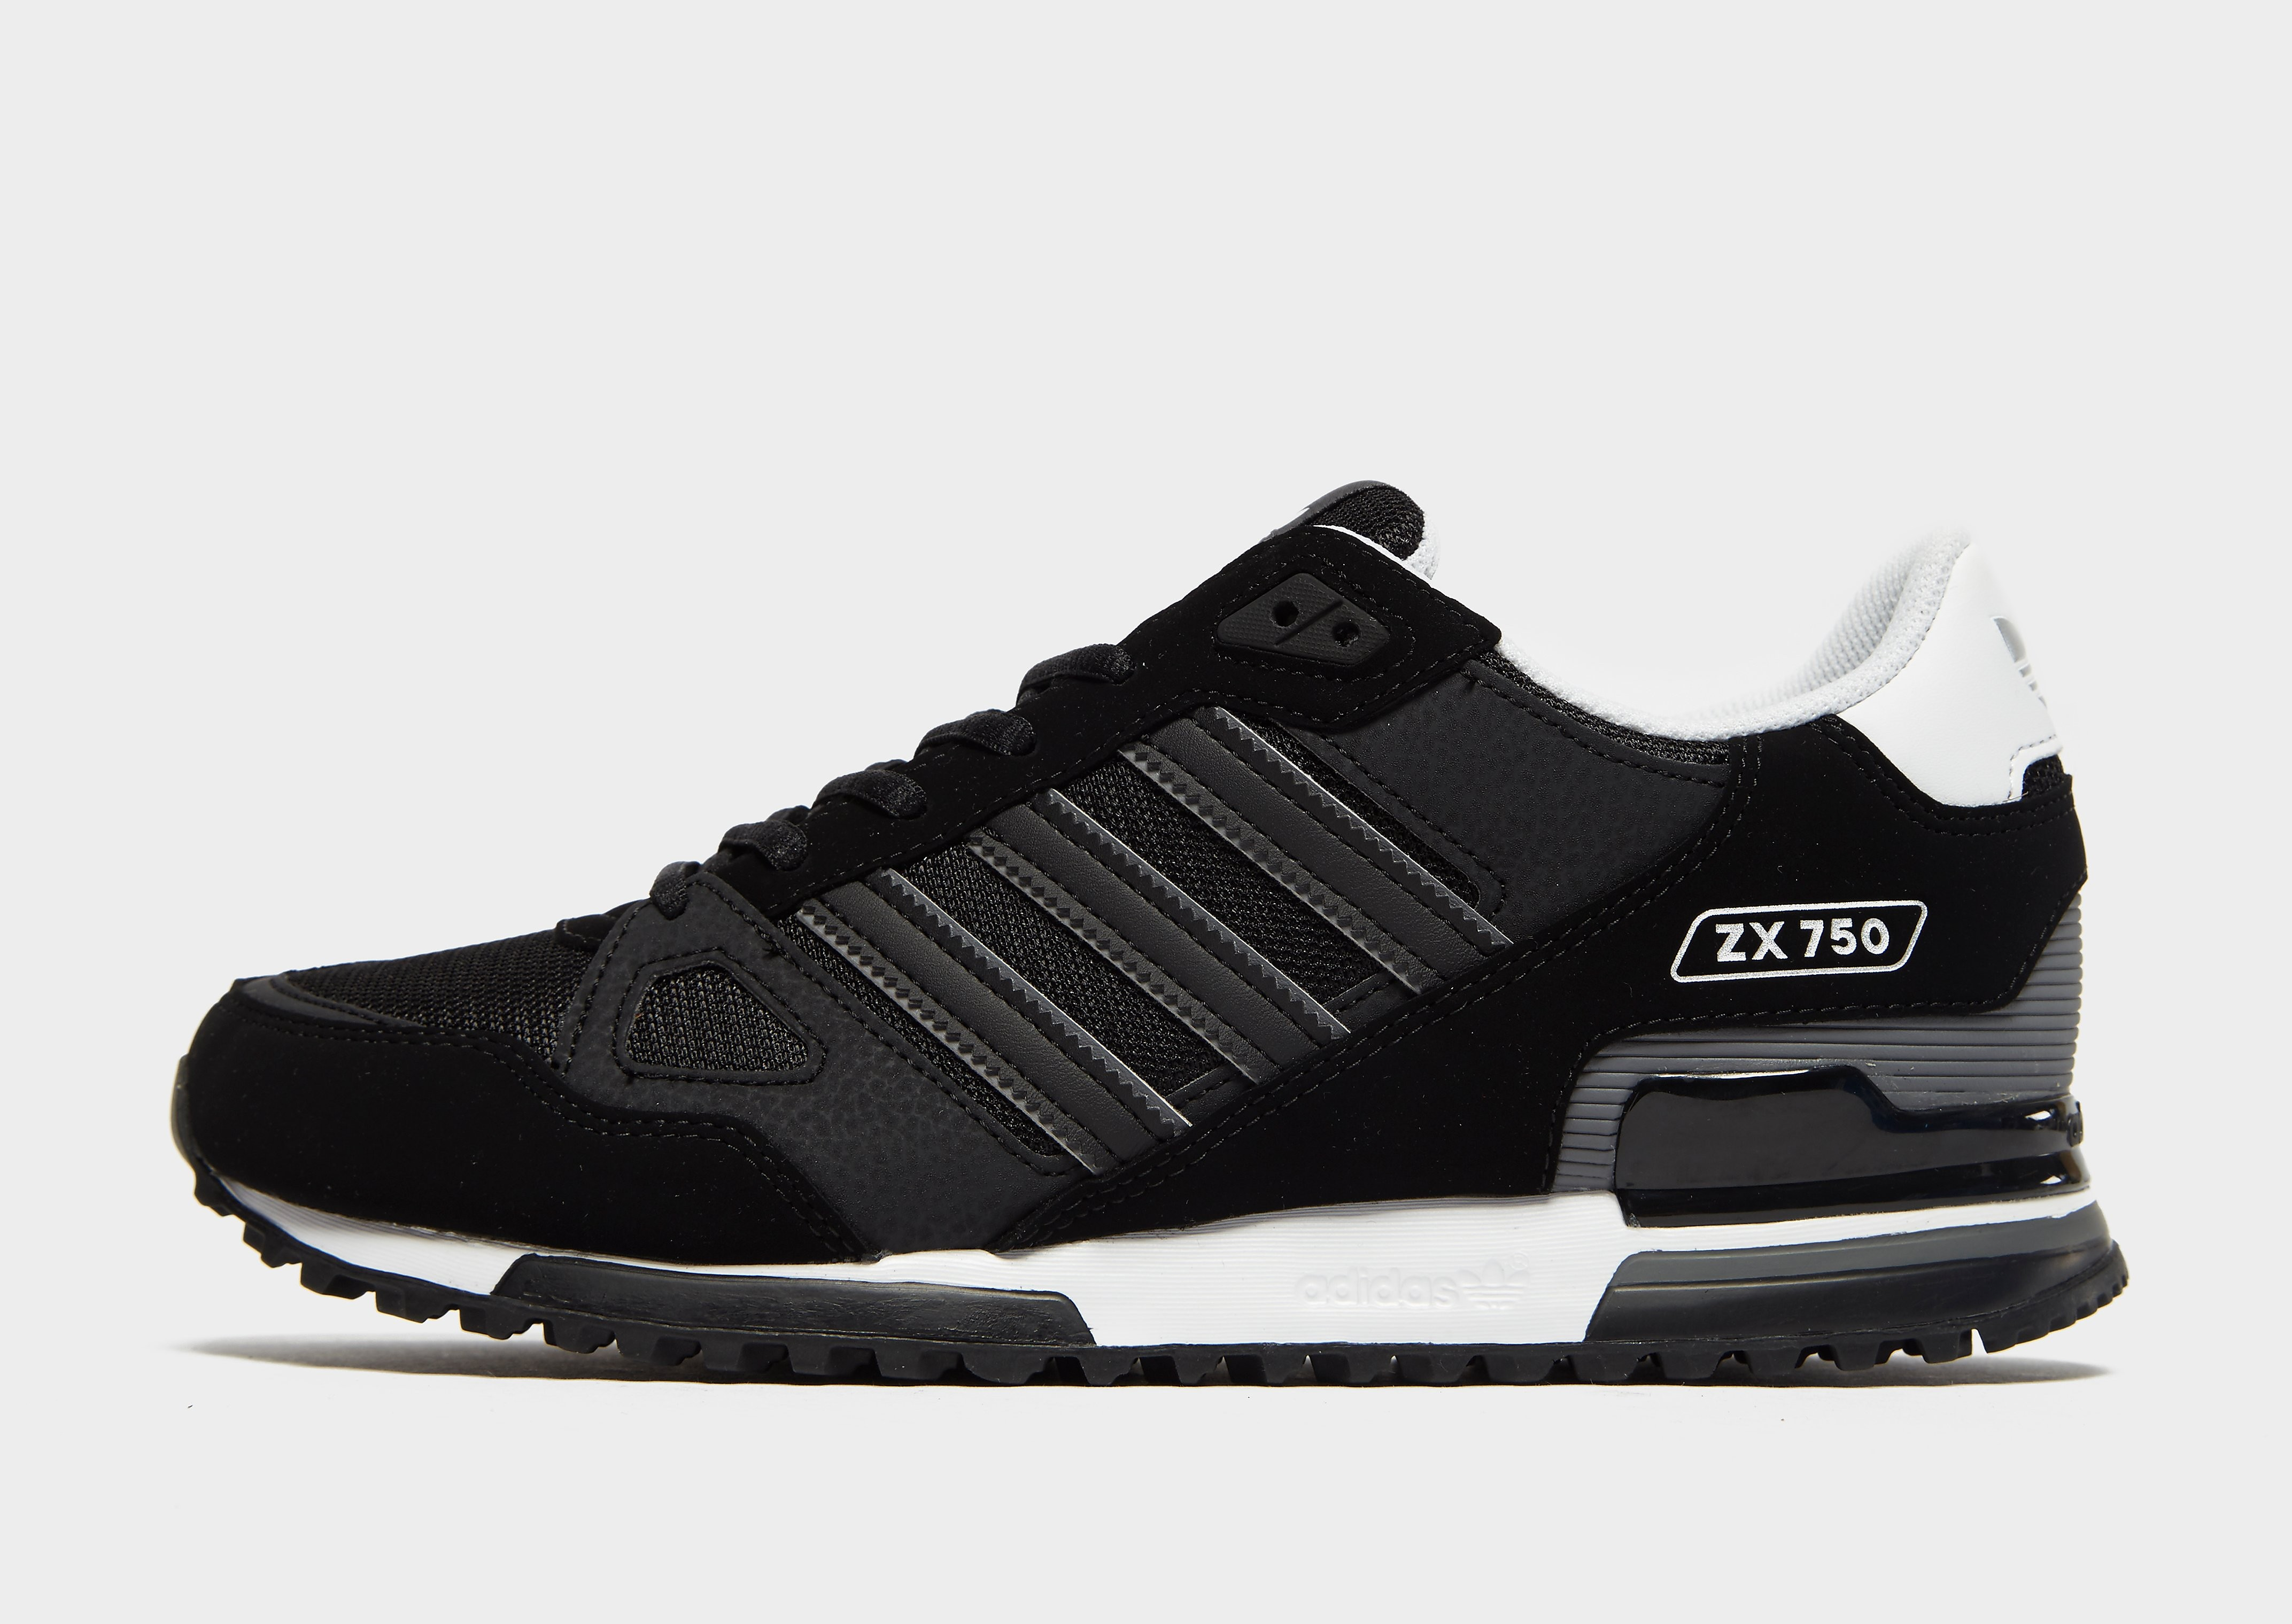 Adidas ZX 750 herensneaker zwart en grijs